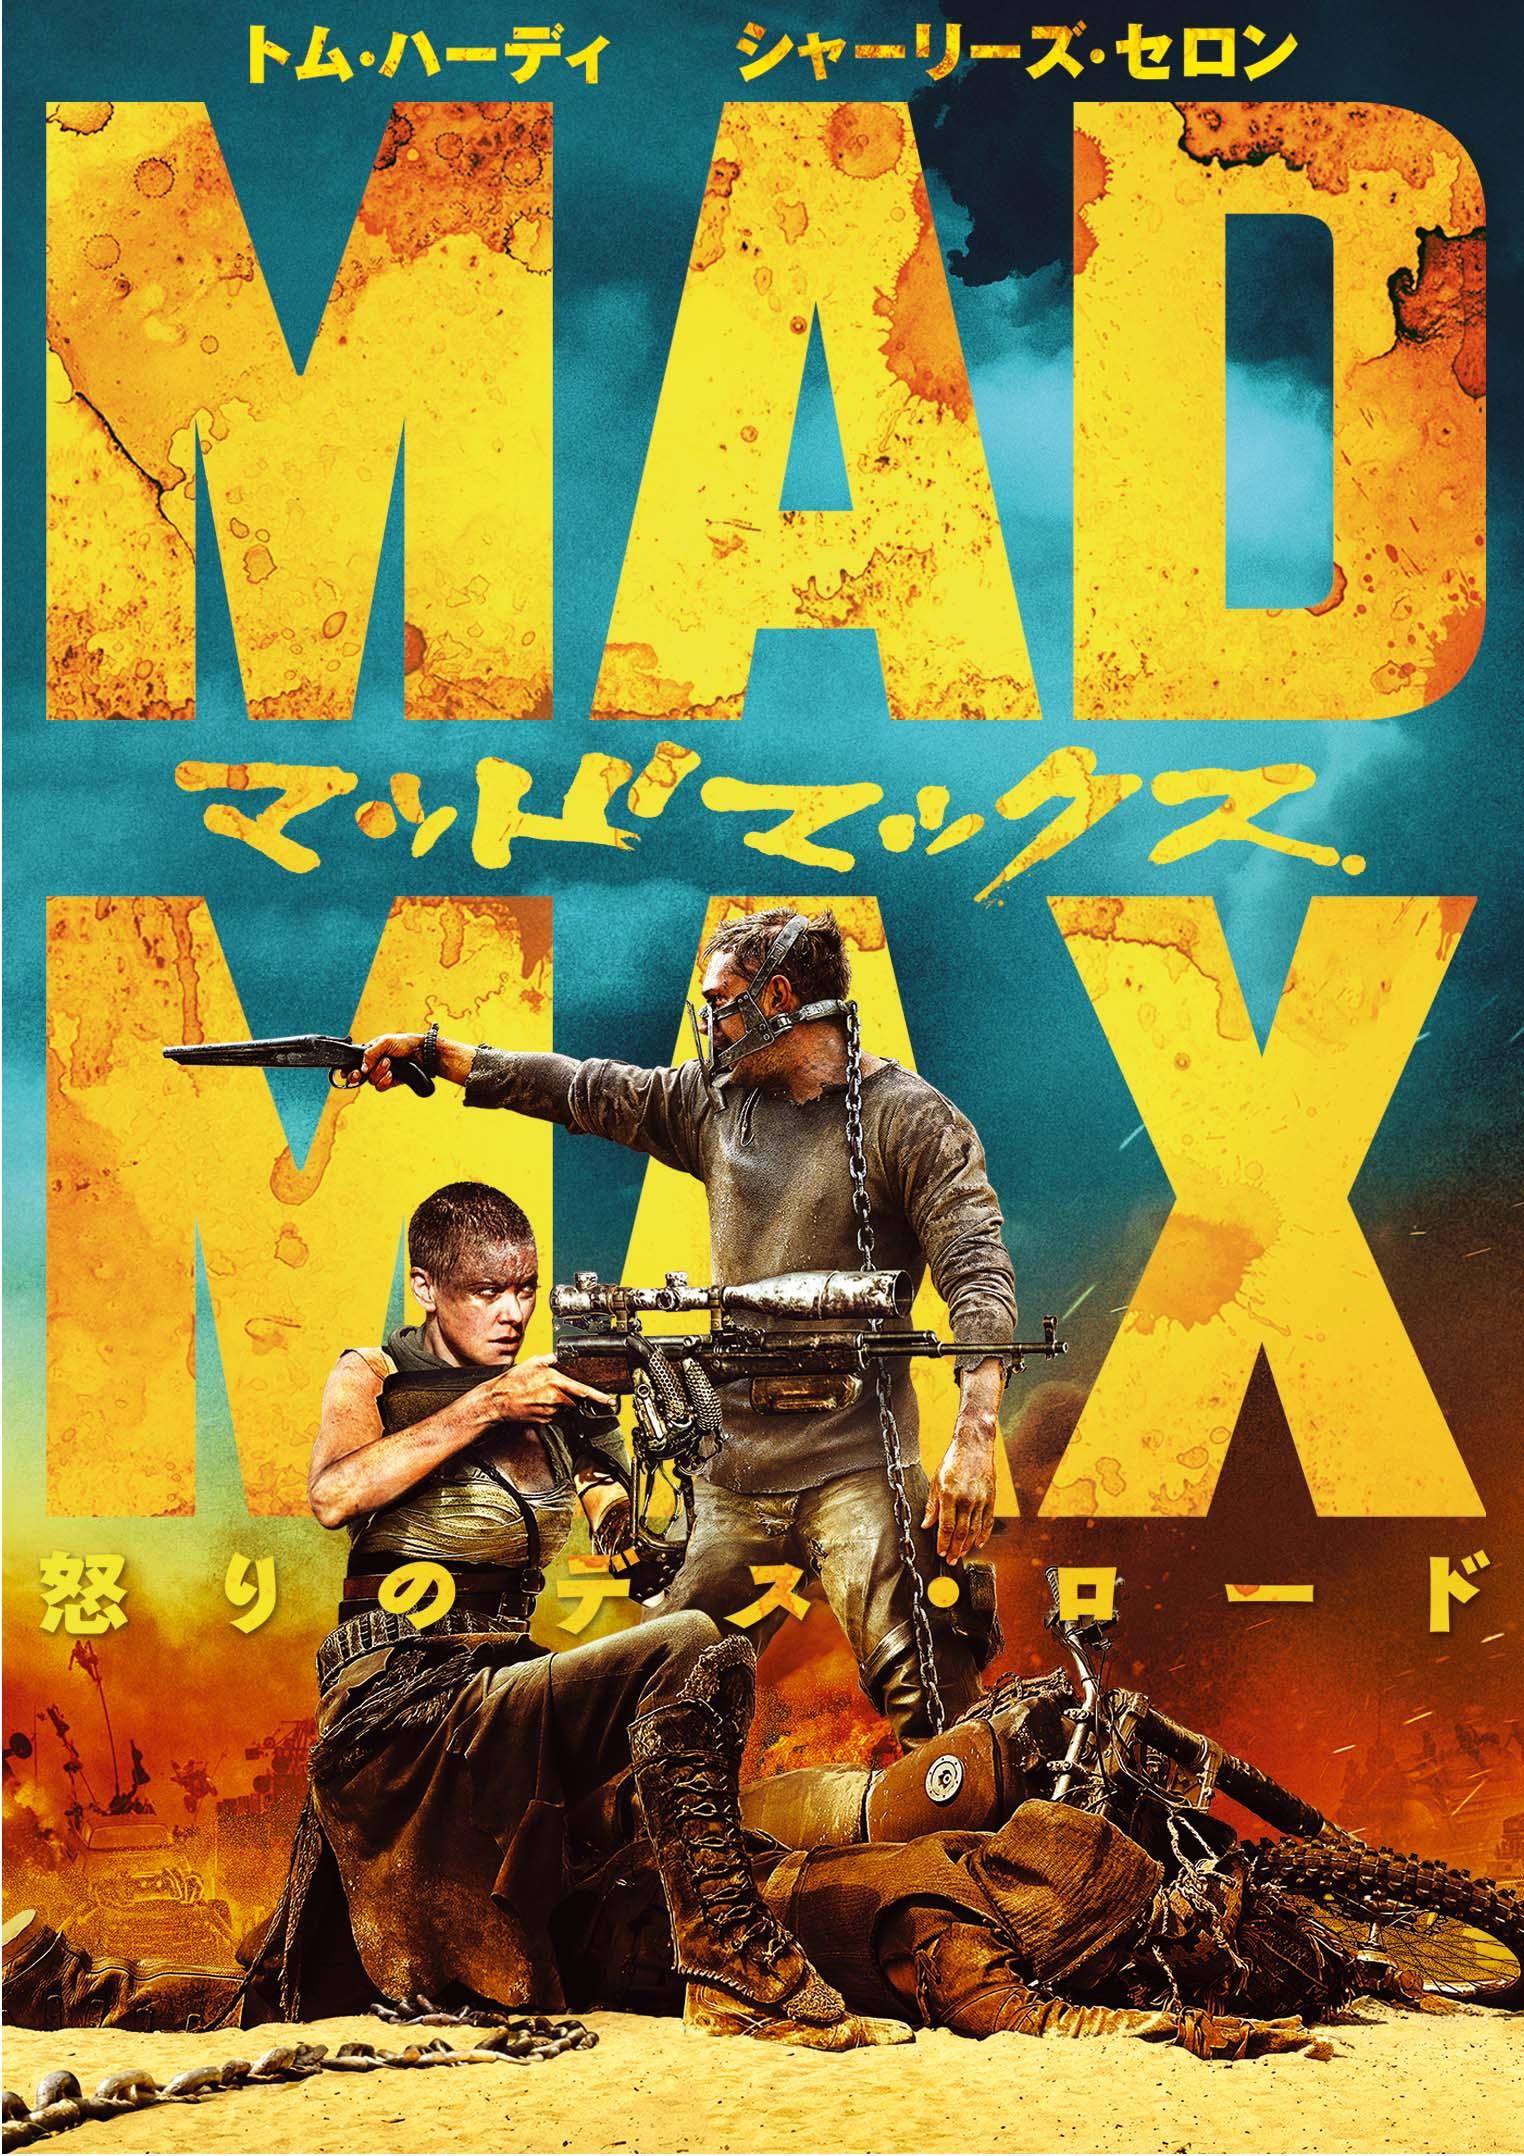 ワーナー公式】映画(ブルーレイ,DVD & 4K UHD/デジタル配信)|マッドマックス 怒りのデス・ロード